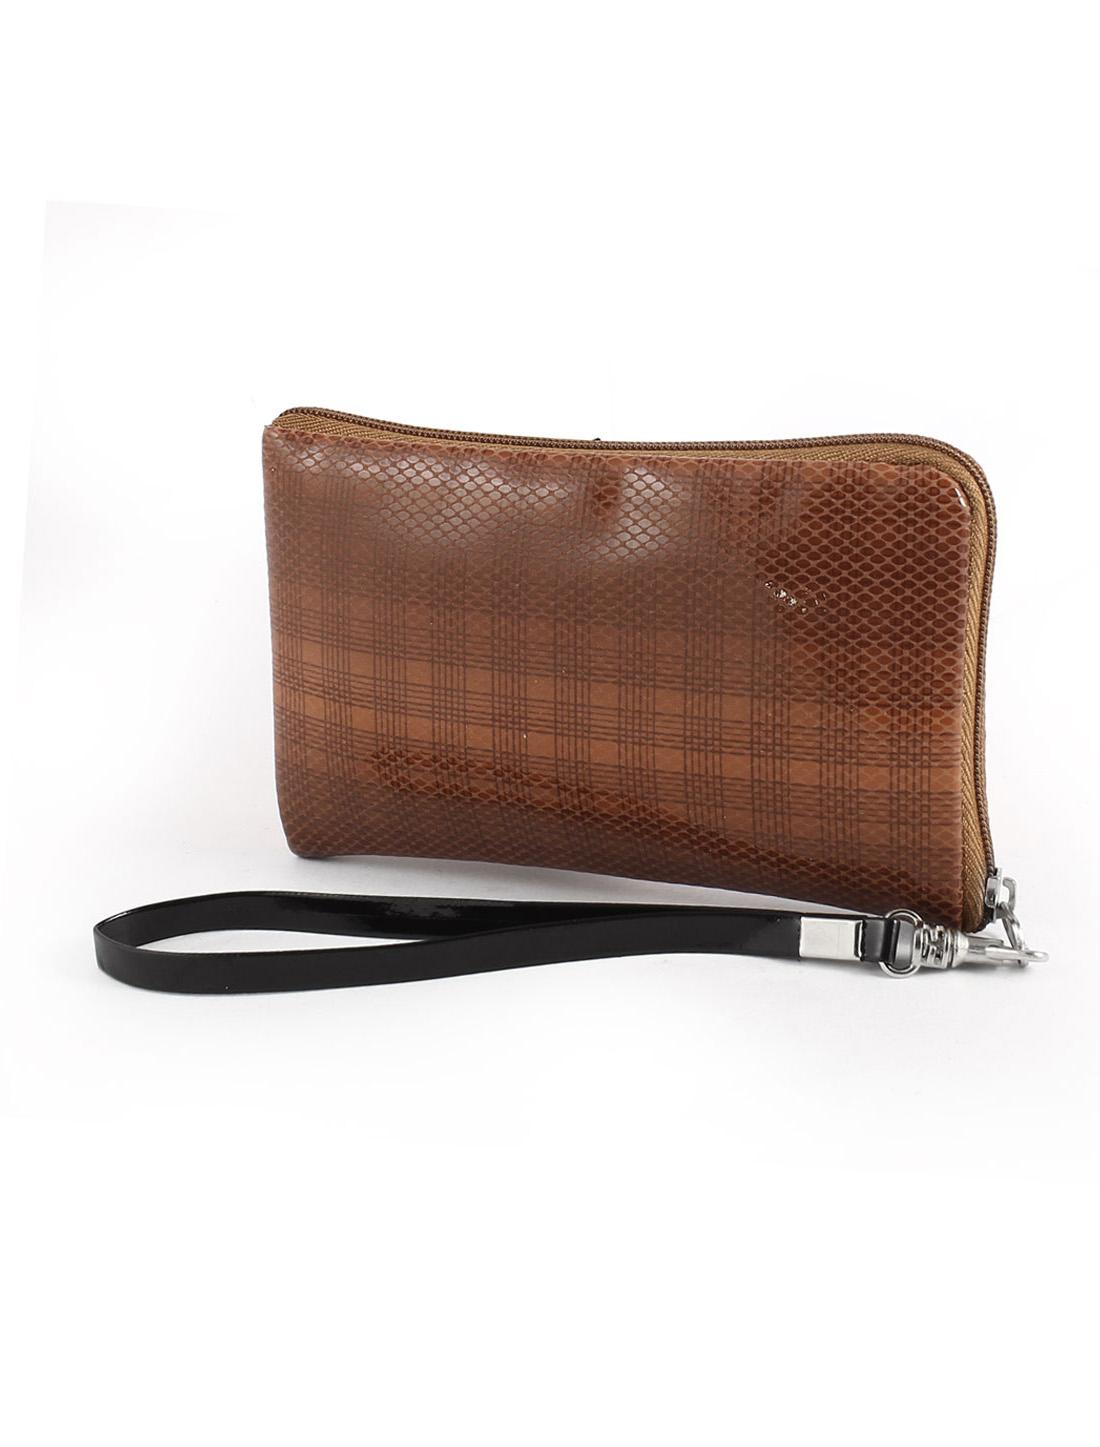 Brown Faux Leather Grid Print Detachable Strap Purse Pouch Bag Holder